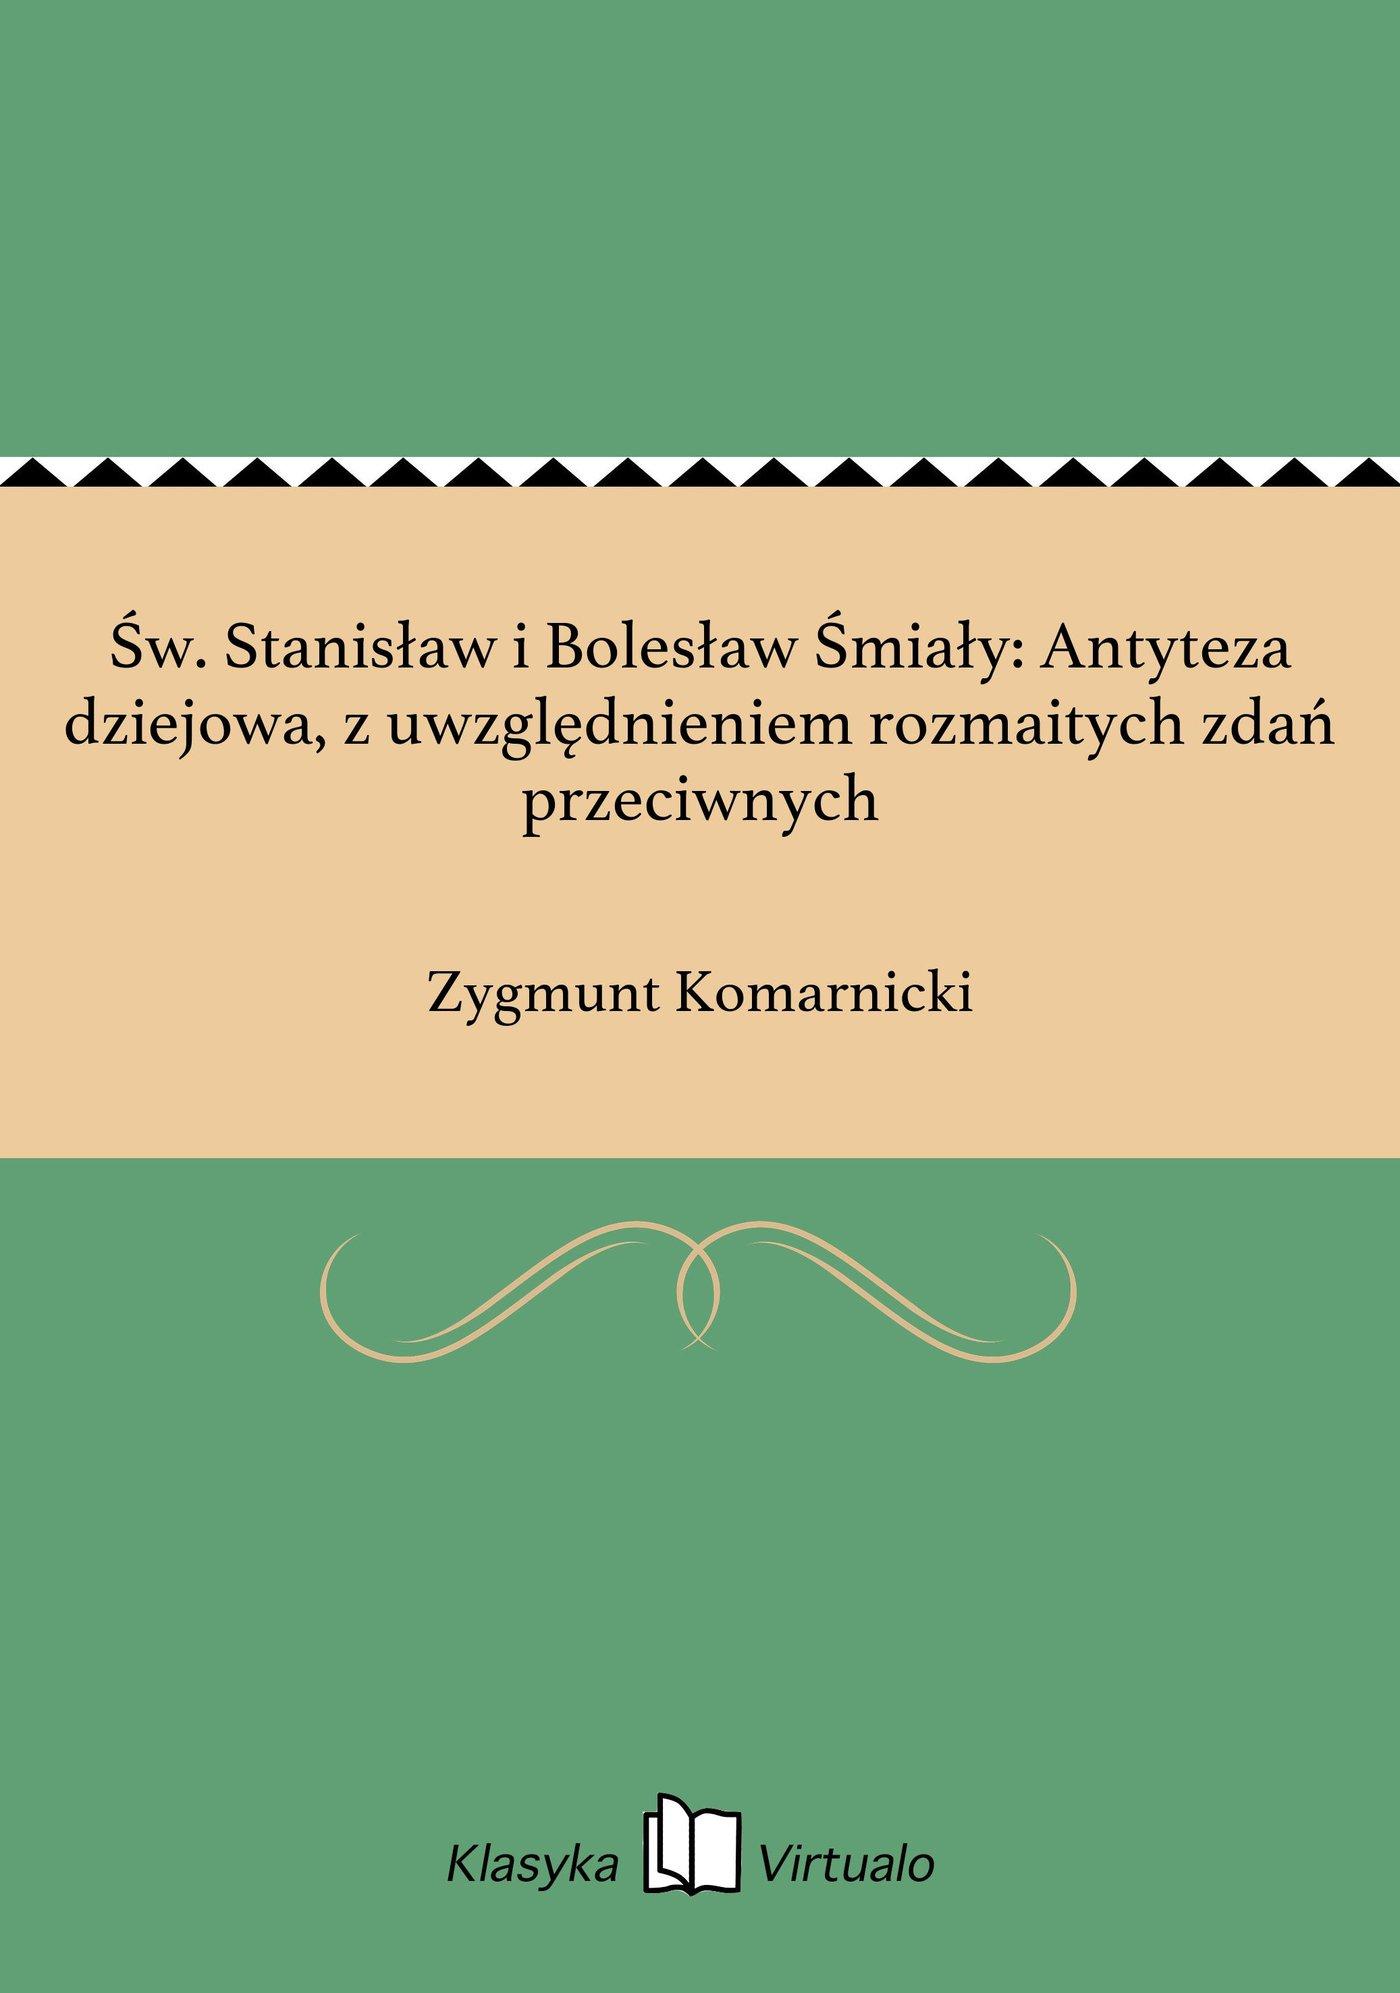 Św. Stanisław i Bolesław Śmiały: Antyteza dziejowa, z uwzględnieniem rozmaitych zdań przeciwnych - Ebook (Książka EPUB) do pobrania w formacie EPUB